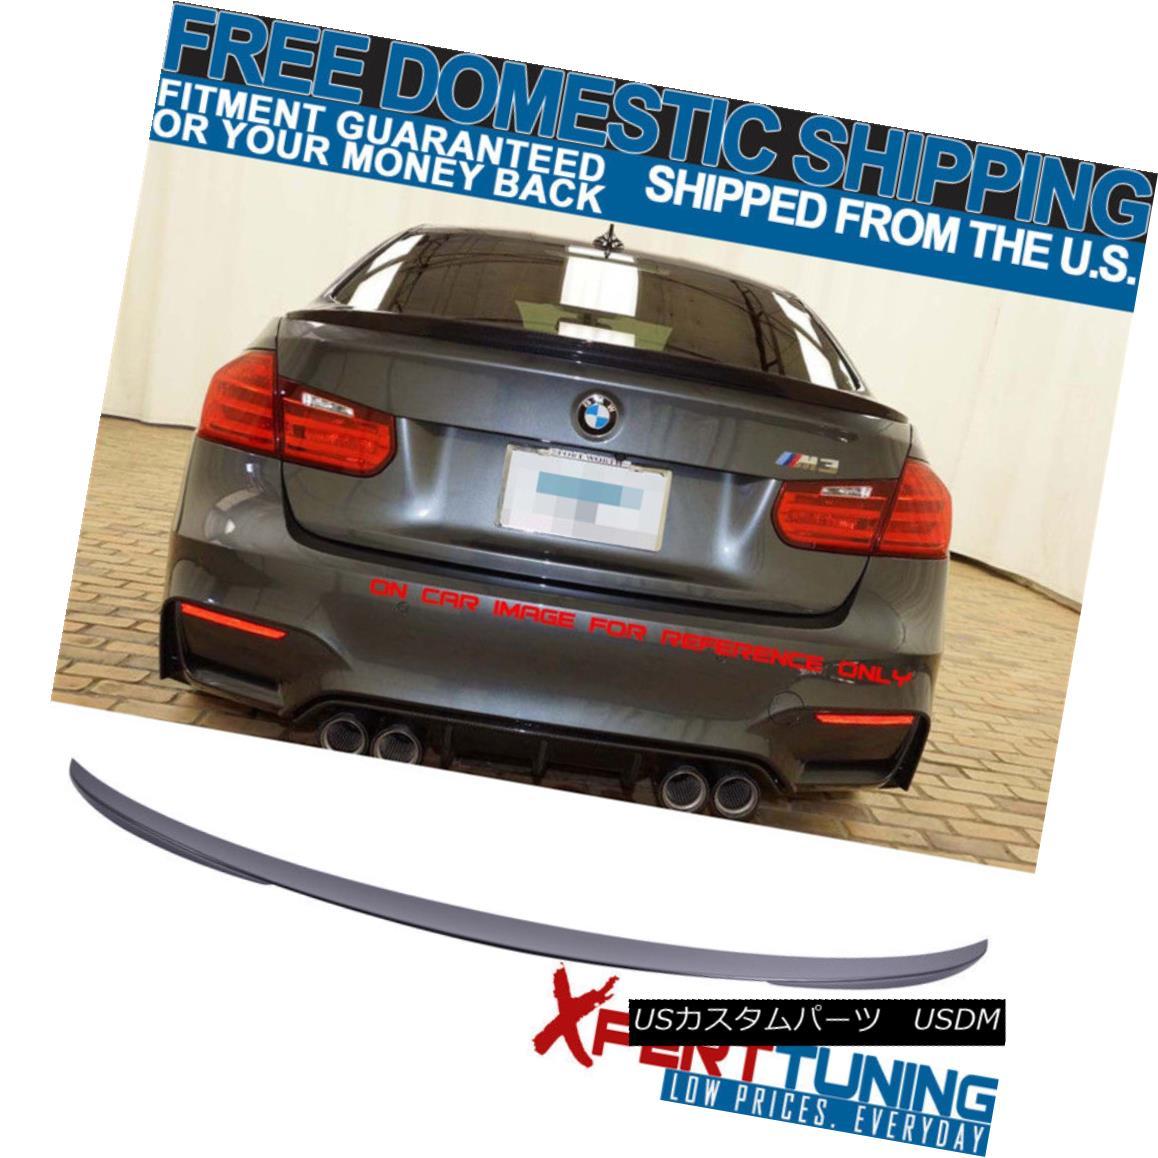 エアロパーツ Fit For 12-18 BMW 3-Series F30 4Dr P #668 Painted Matte Jet Black Trunk Spoiler BMW 3シリーズF30 4Dr P#668塗装マットジェットブラックトランク・スポイラー